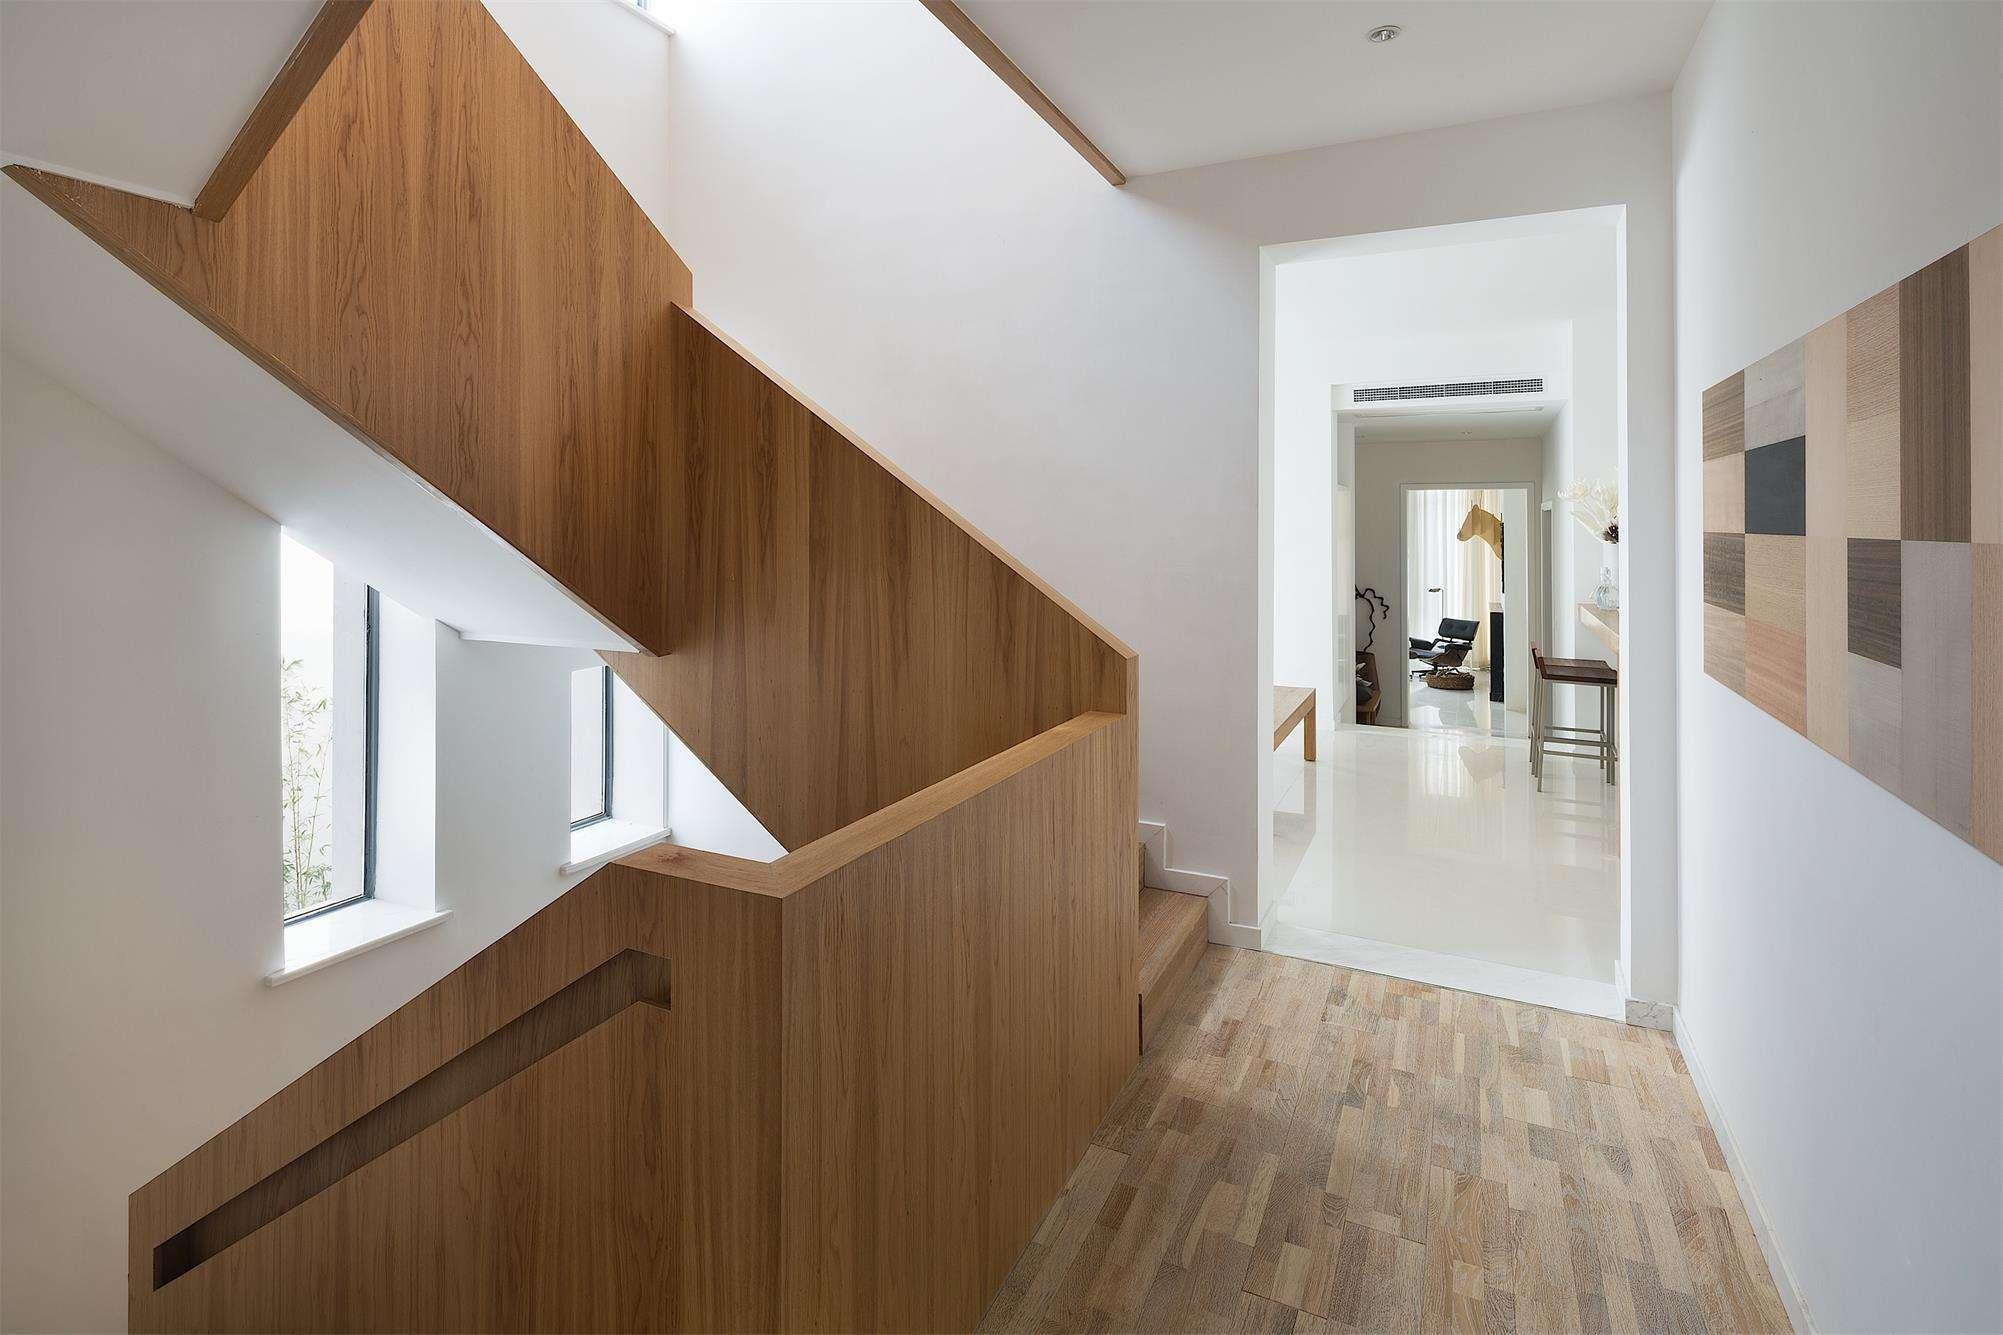 宜家装修风格别墅楼梯实木护栏装饰效果图